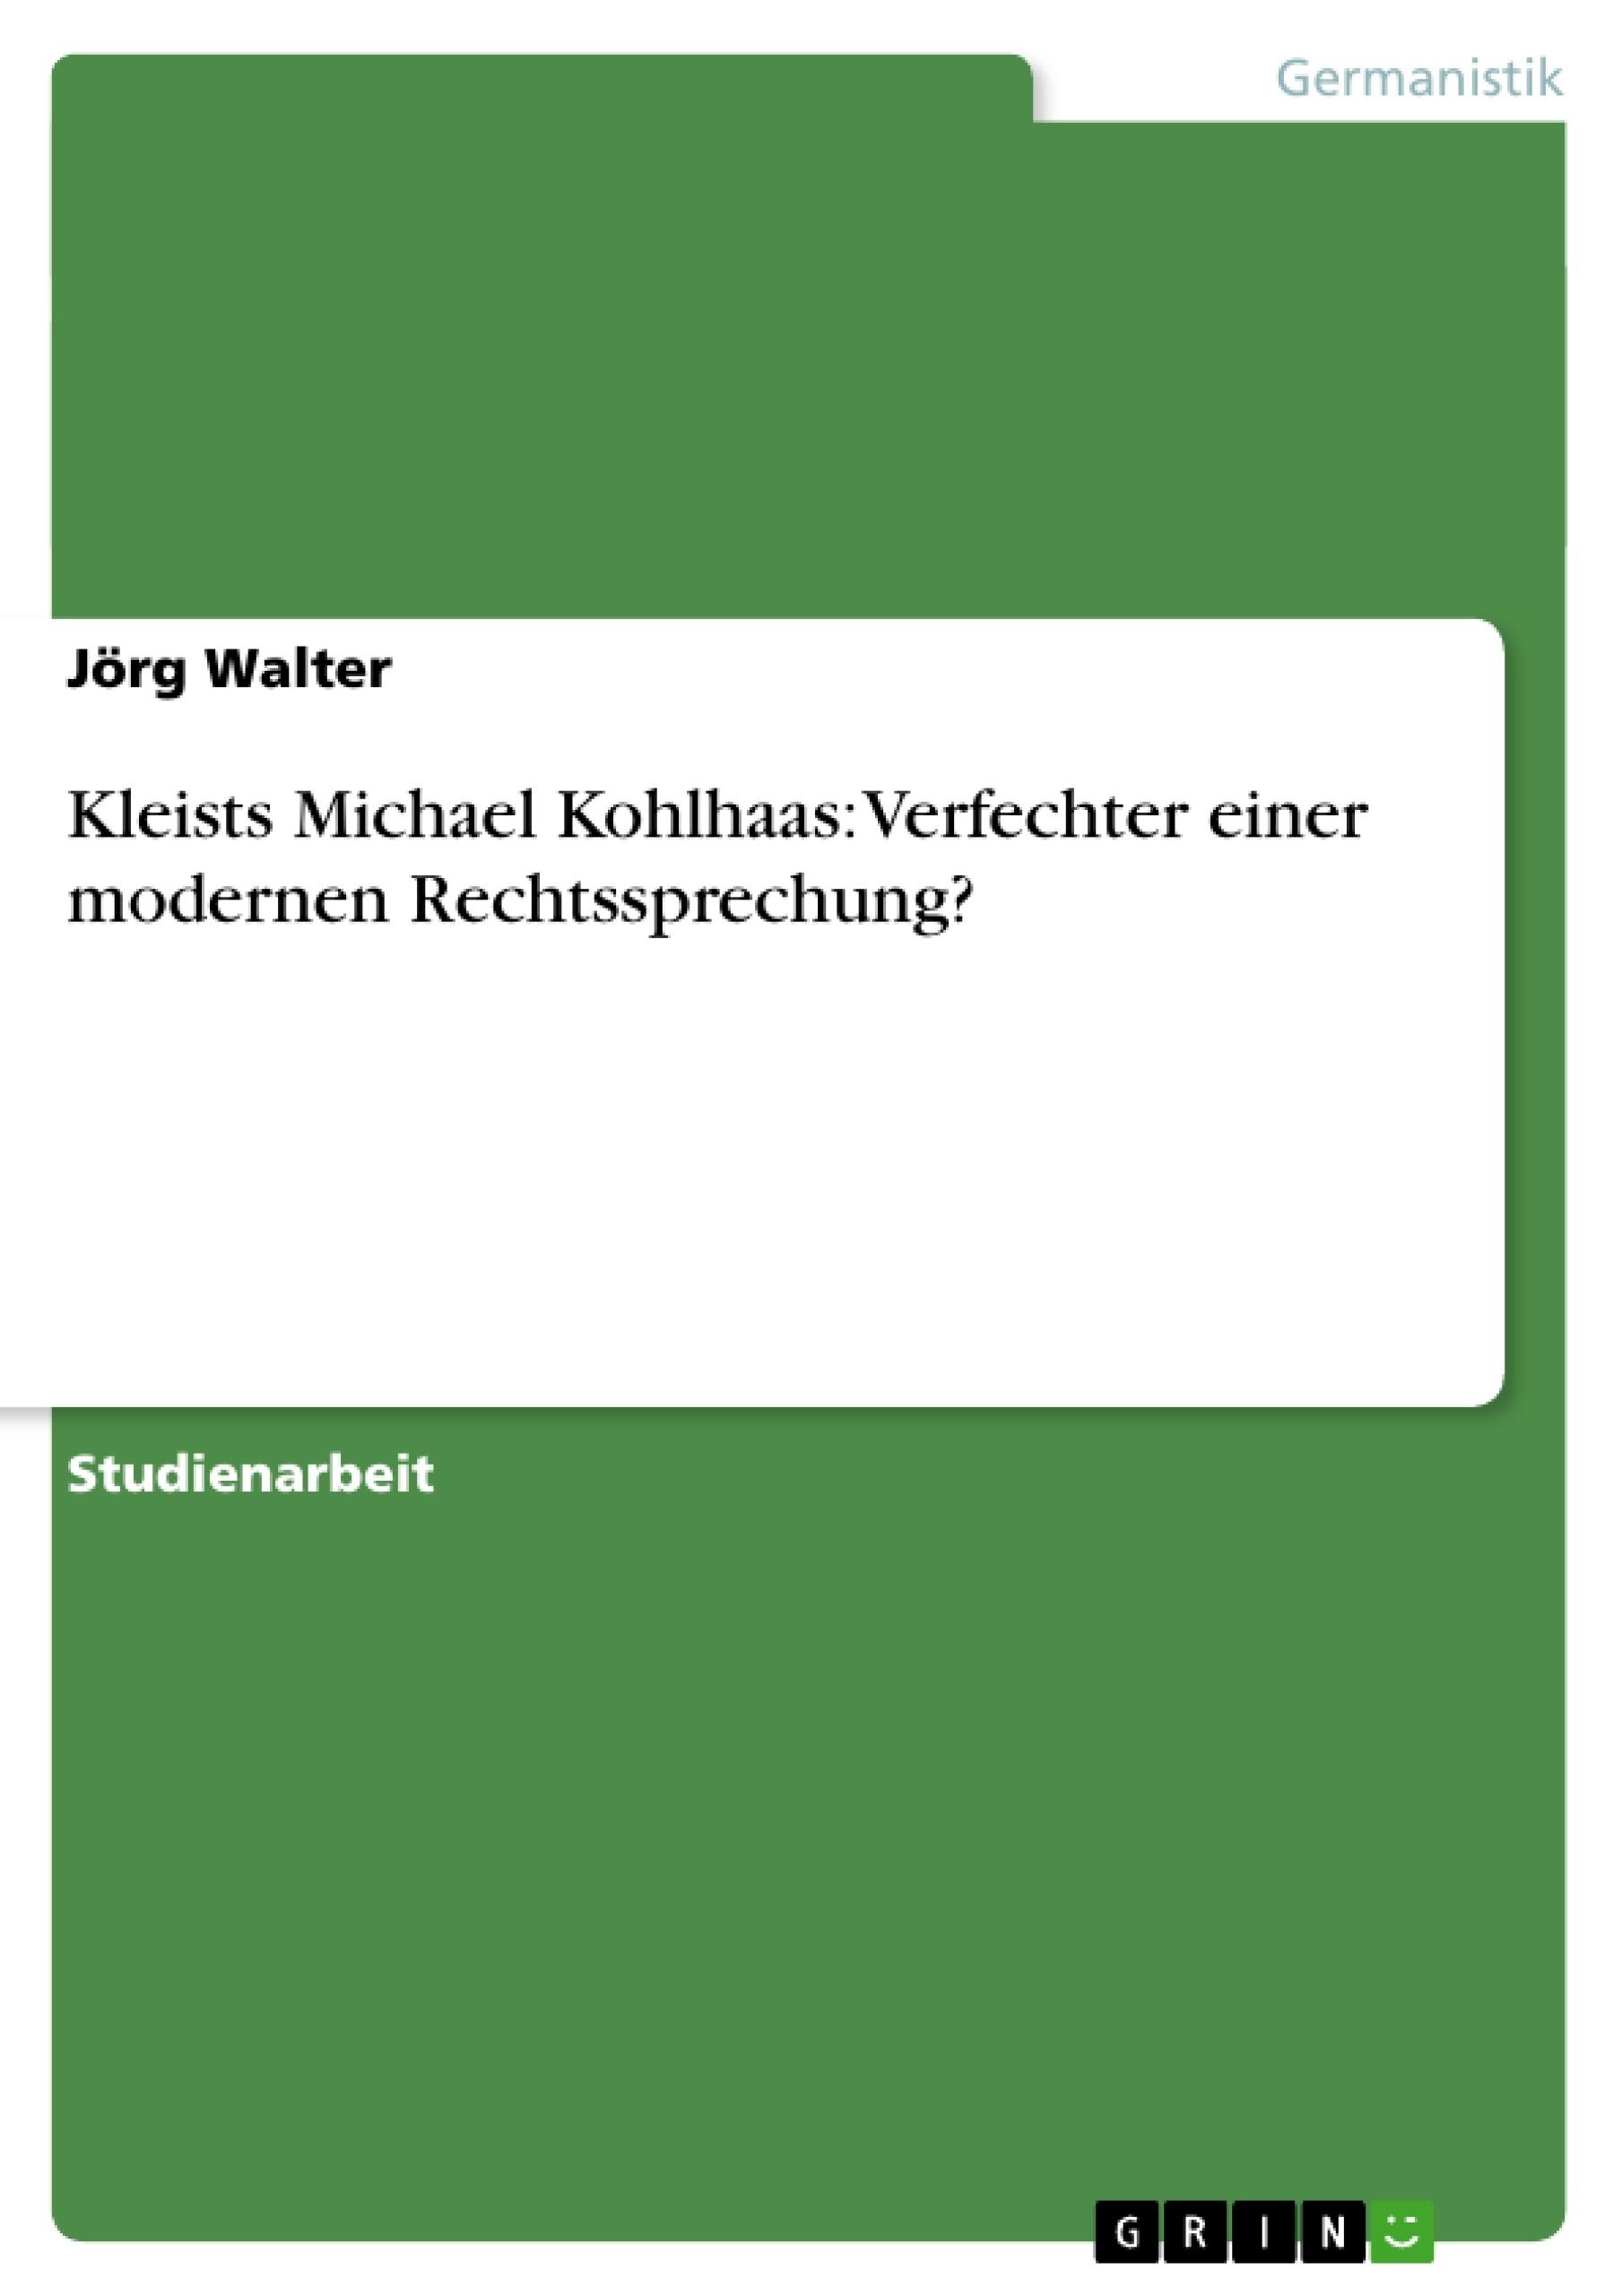 Titel: Kleists Michael Kohlhaas: Verfechter einer modernen Rechtssprechung?